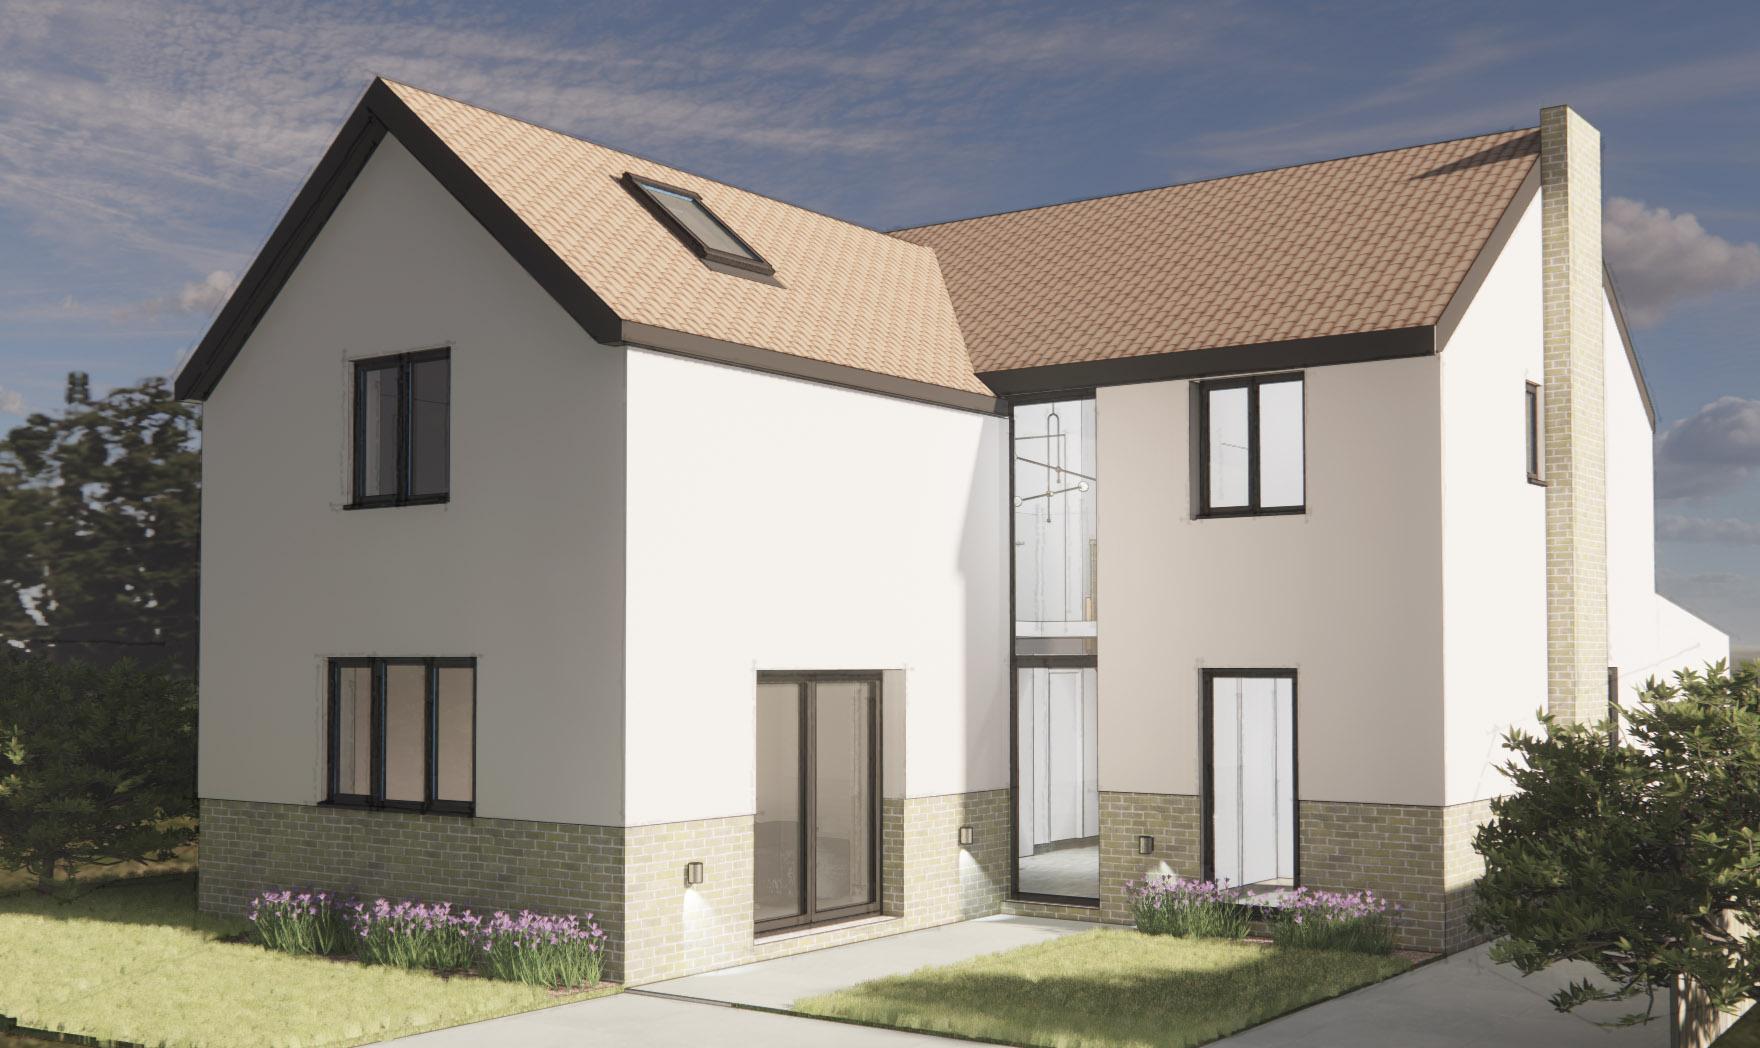 Bungalow extension architect Derbyshire